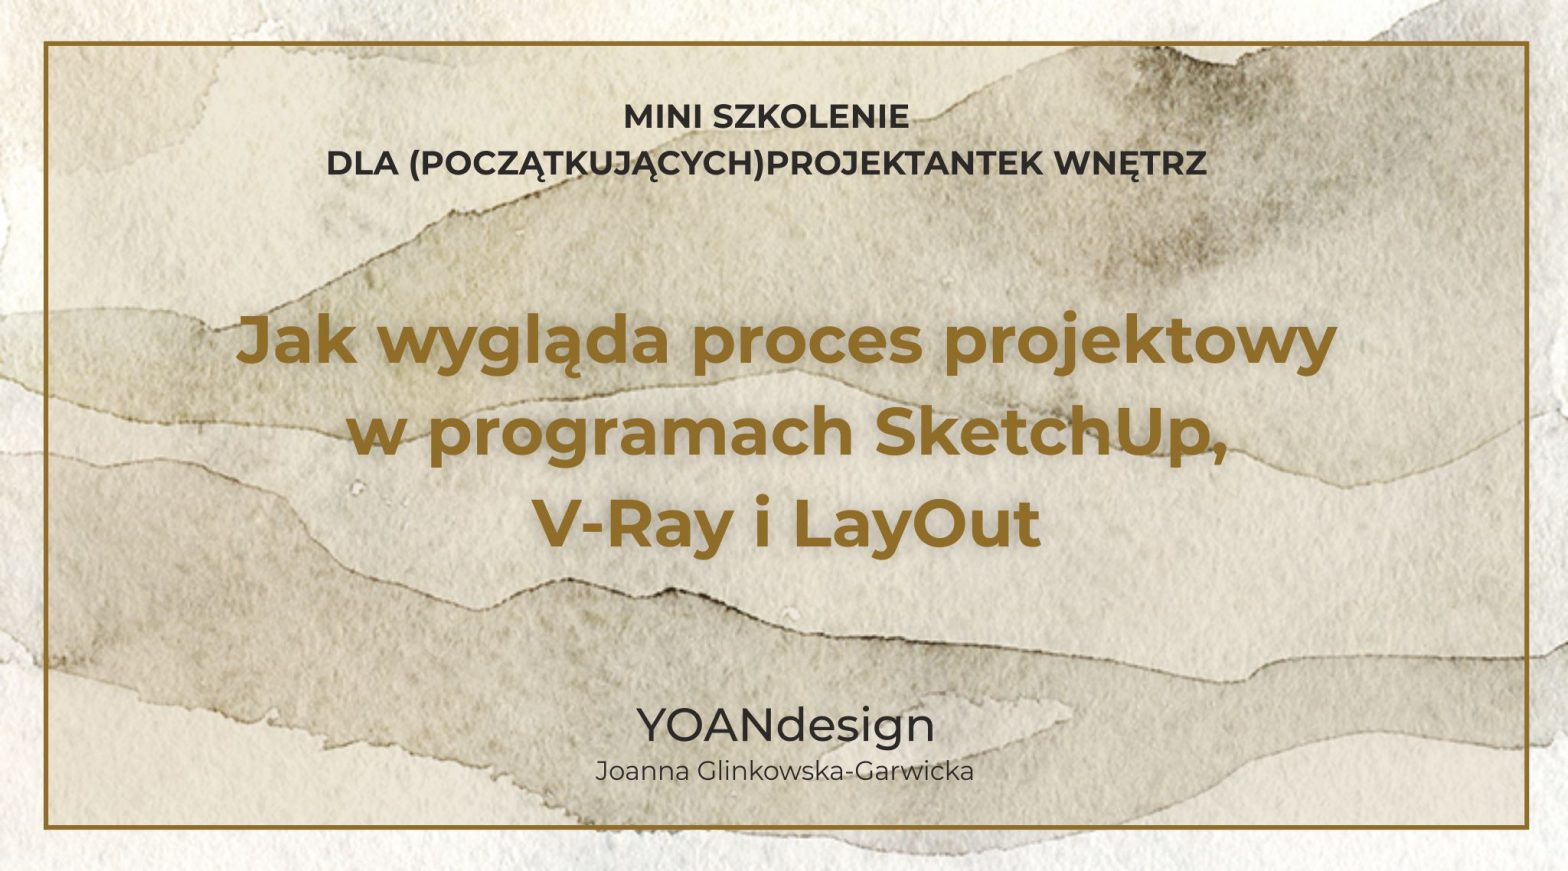 Poznaj proces projektowy w programach SketchUp, V-Ray i LayOut